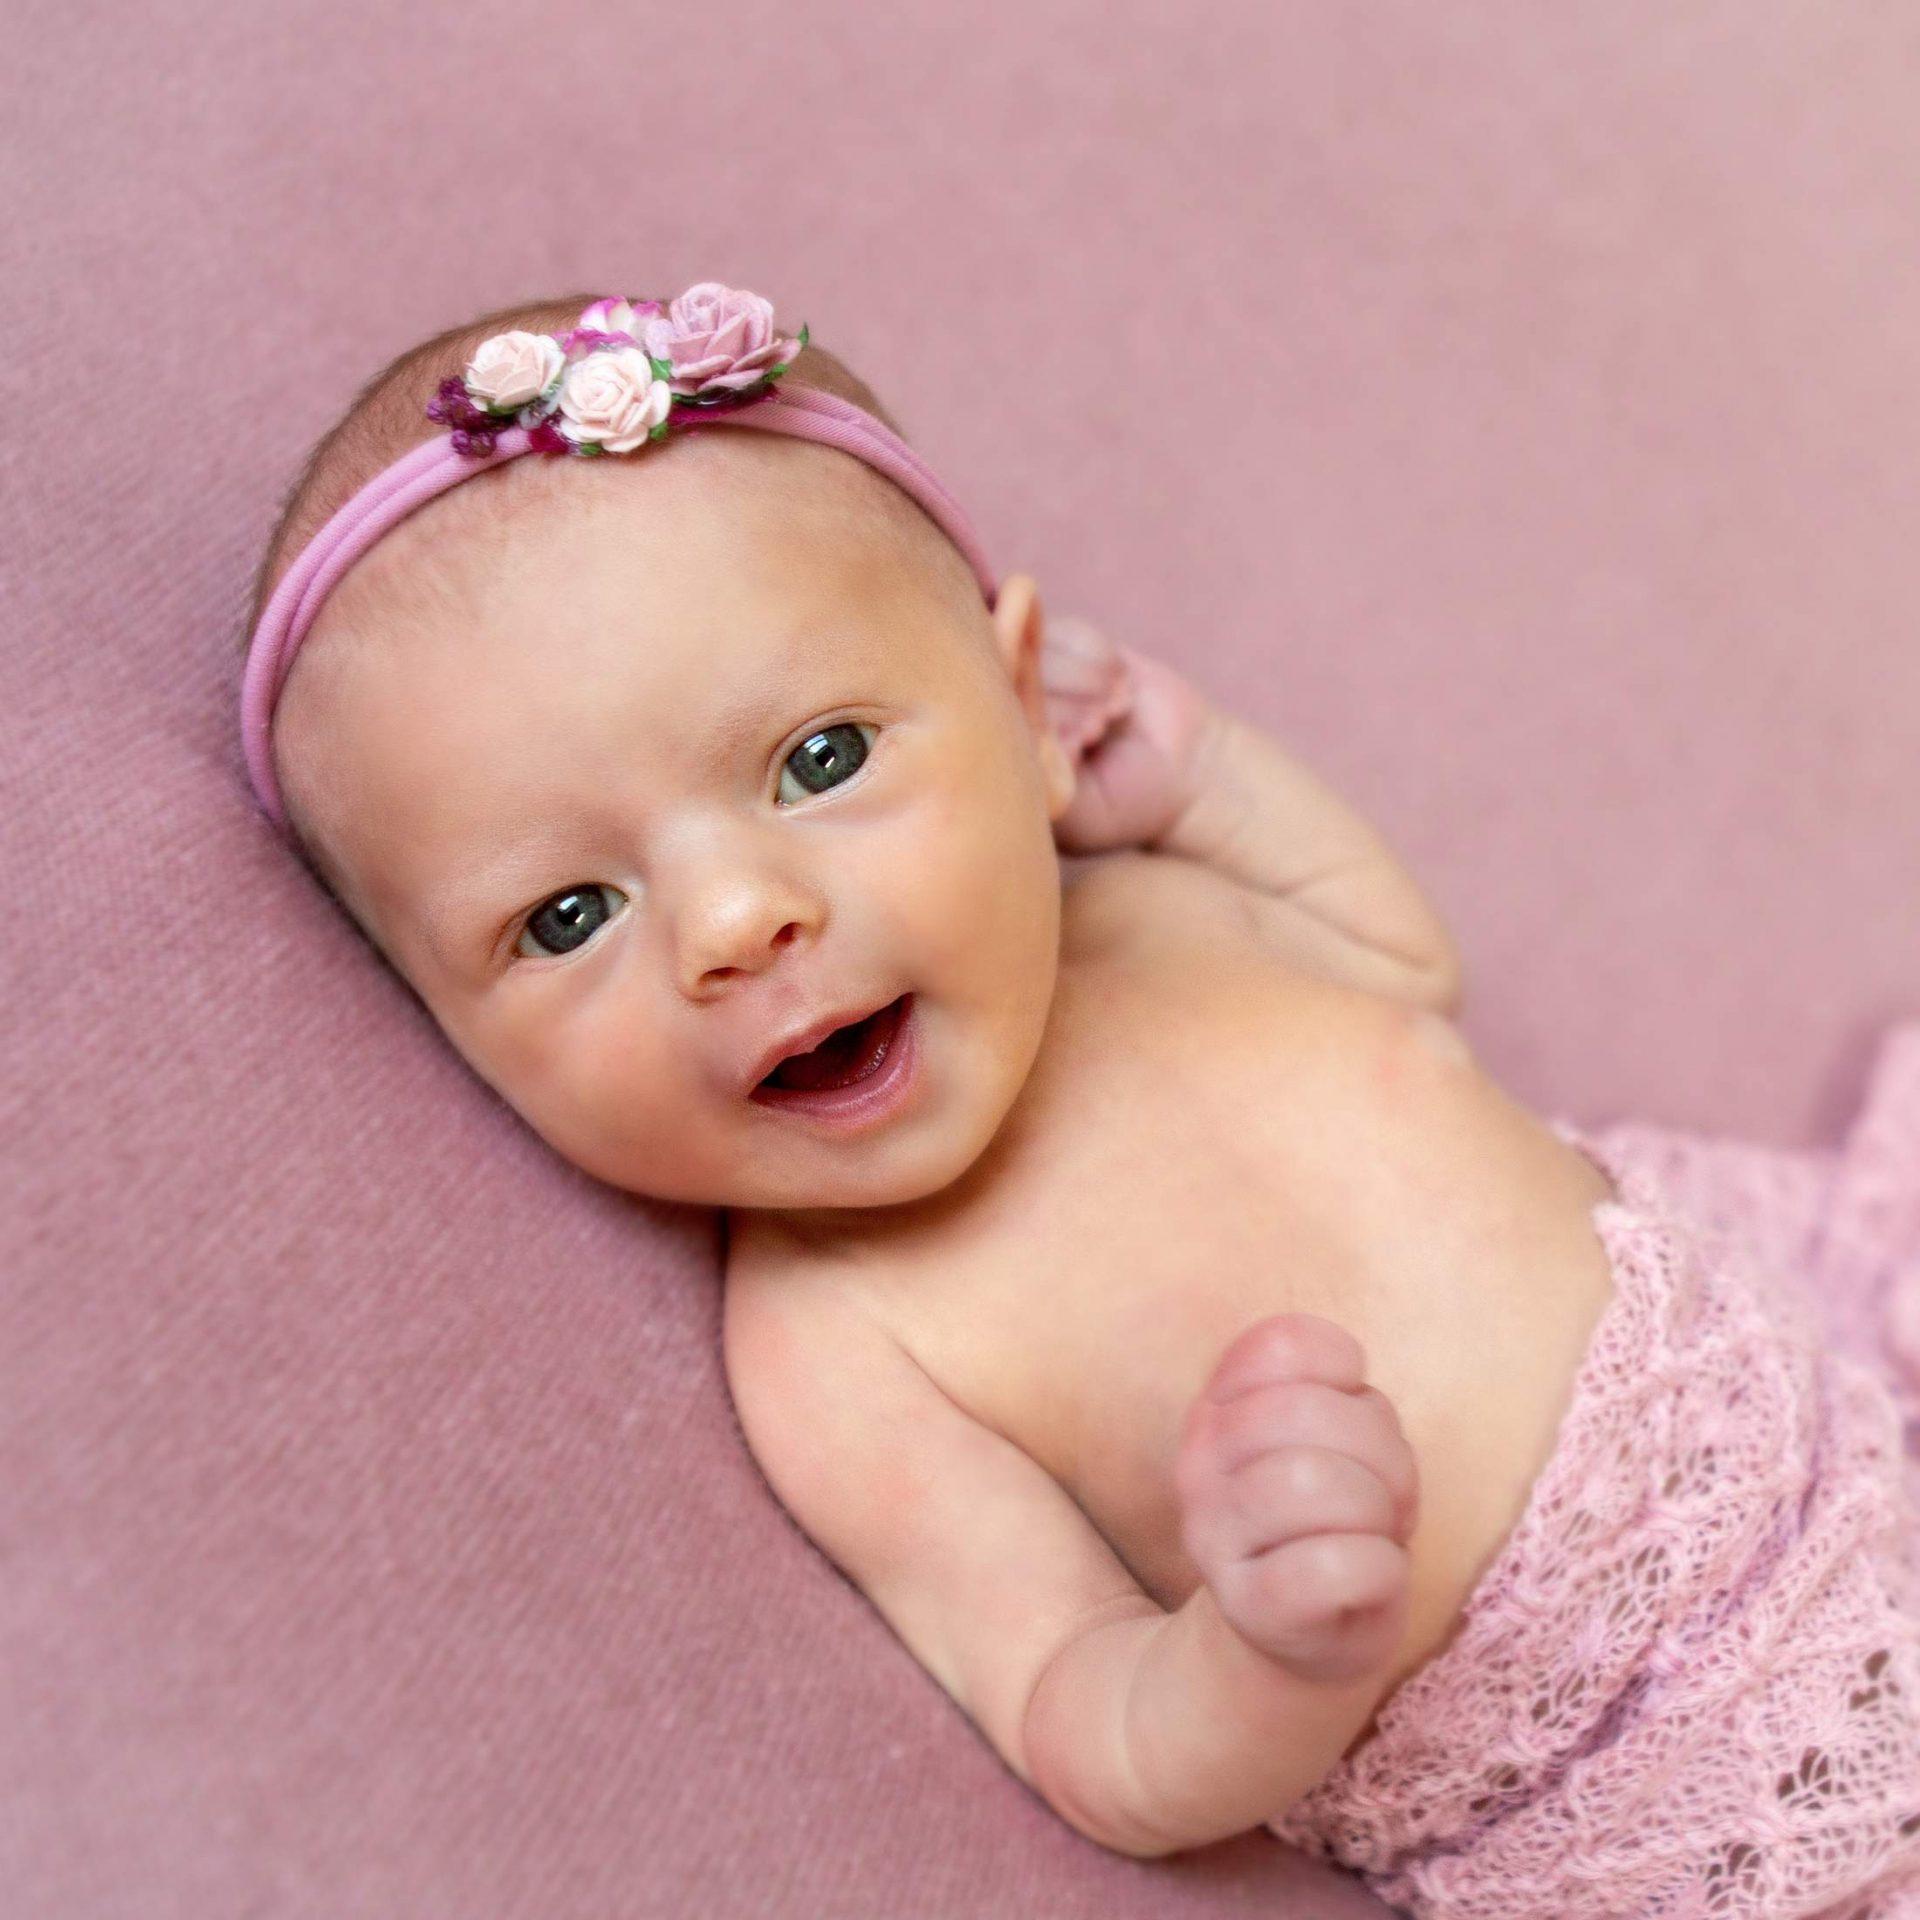 photographe-naissance-nancy-instant-bonheur-joie